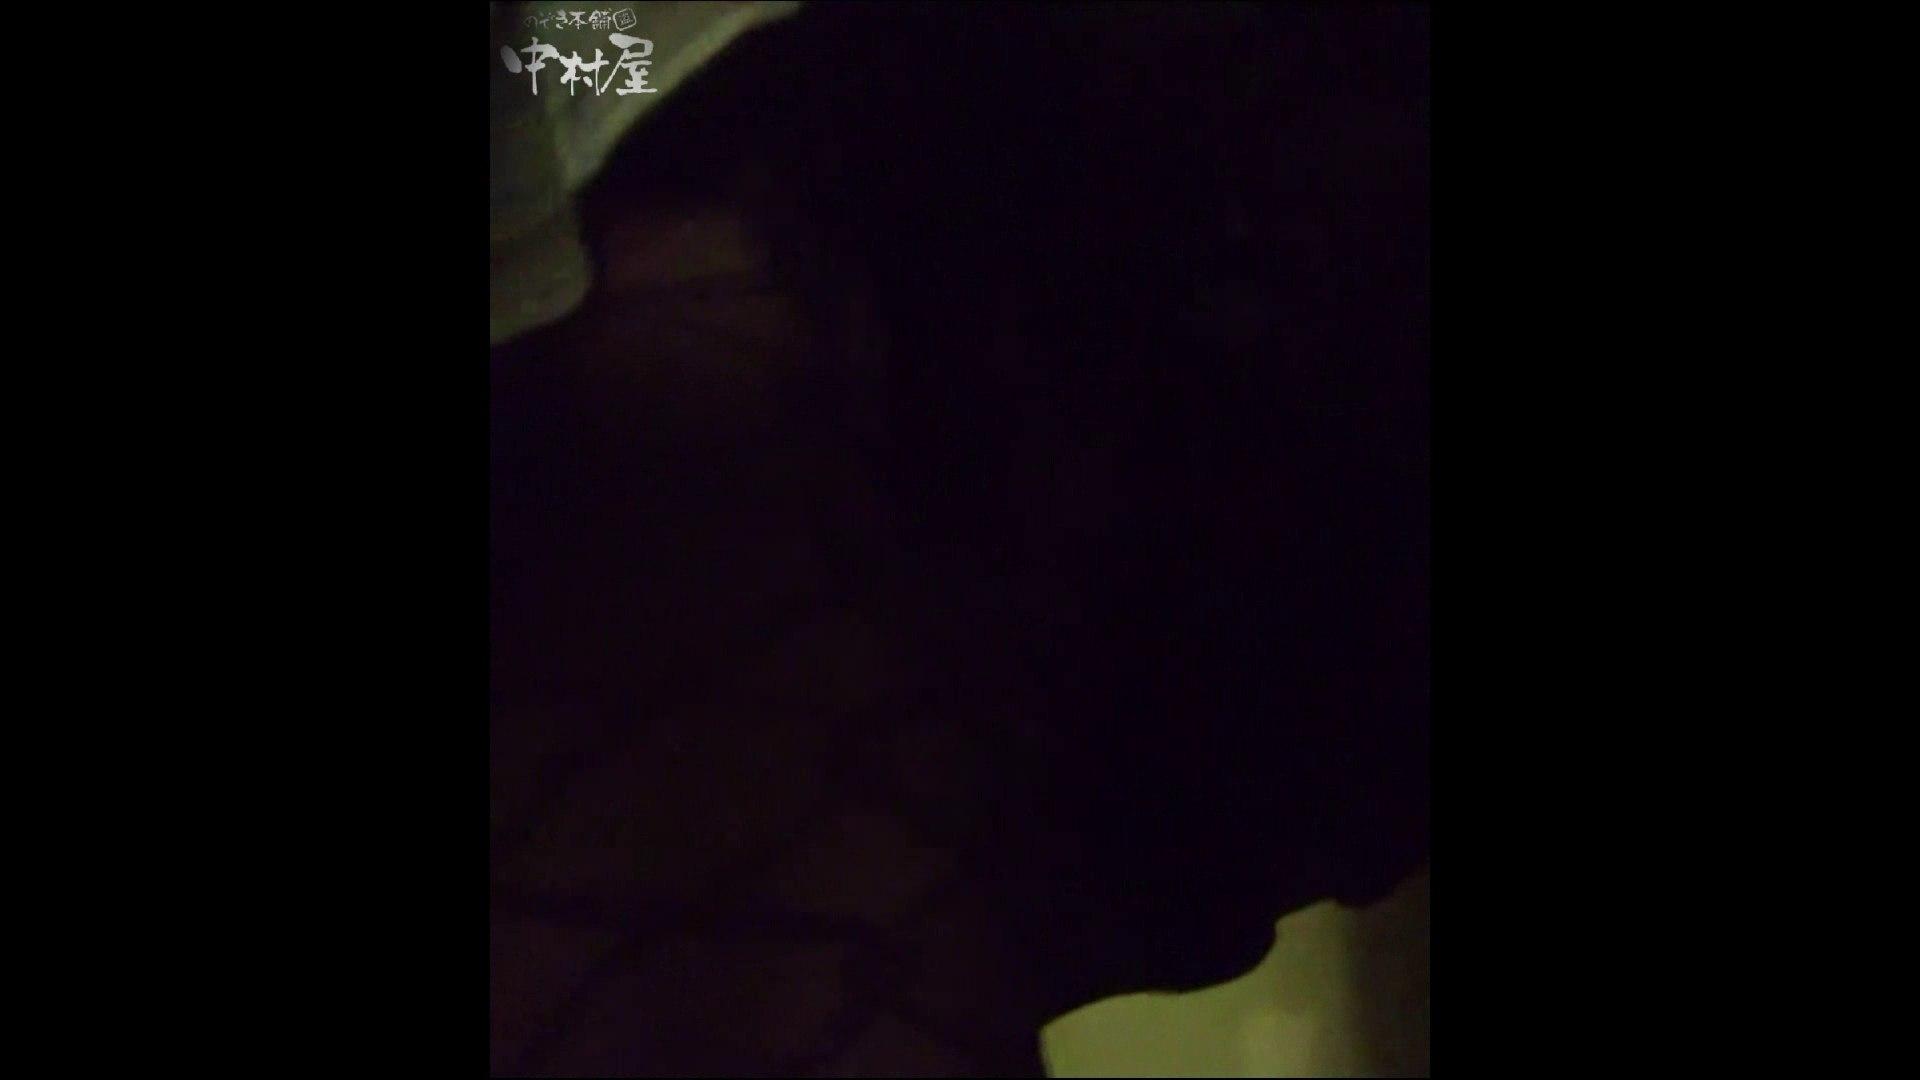 綺麗なモデルさんのスカート捲っちゃおう‼ vol19 お姉さんのエロ動画   0  110PIX 103